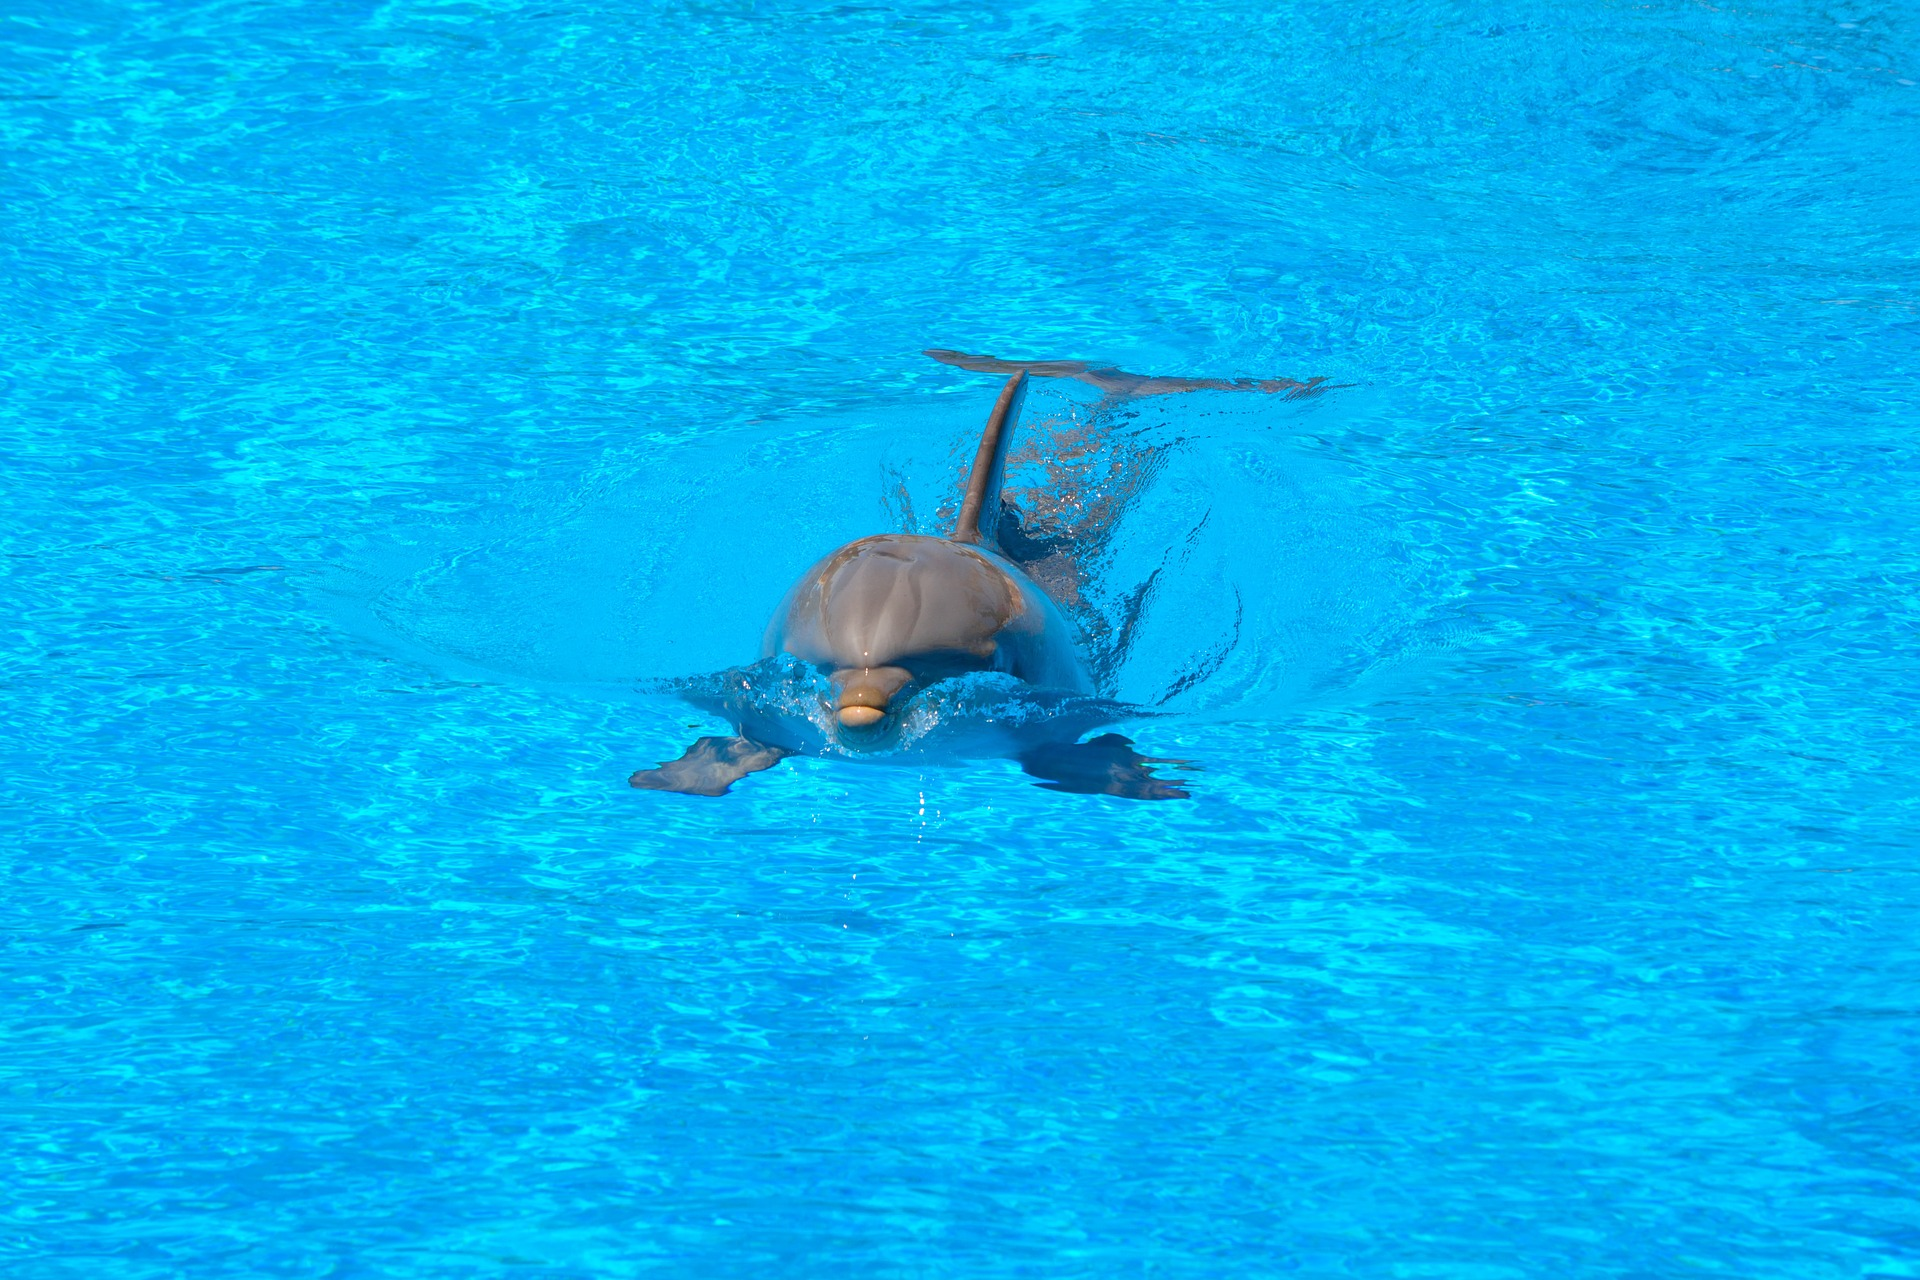 イルカ, プール, 水, 泳ぐ, ブルー - HD の壁紙 - 教授-falken.com